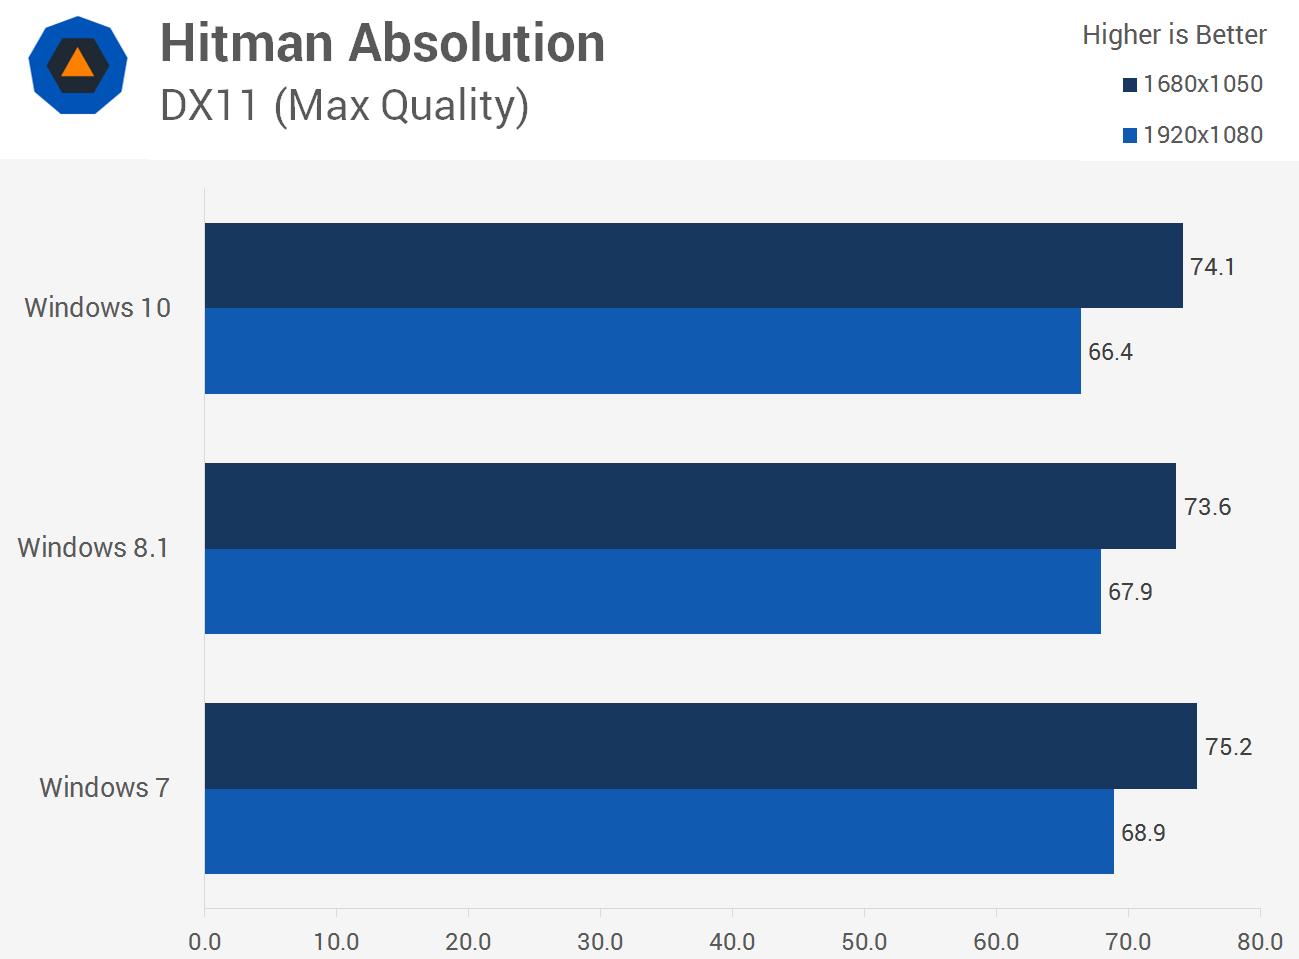 سرعت اجرای بازی Hitman Absolution در ویندوز 10، ویندوز 8.1 و ویندوز 7